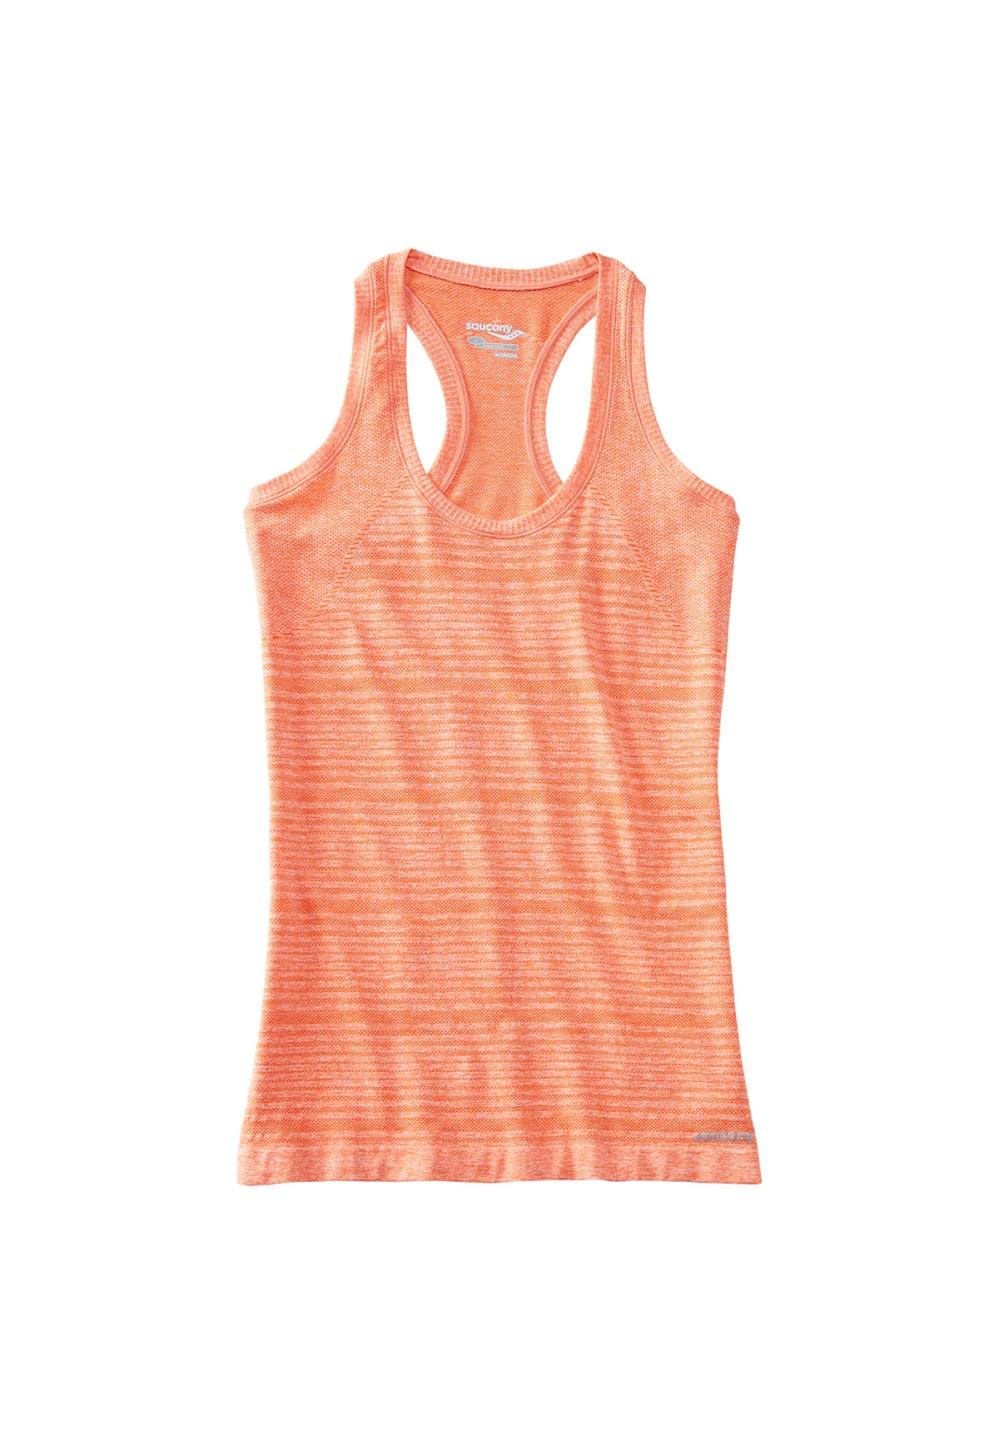 Saucony Dash Seamless Tank - Laufshirts für Damen - Orange, Gr. M